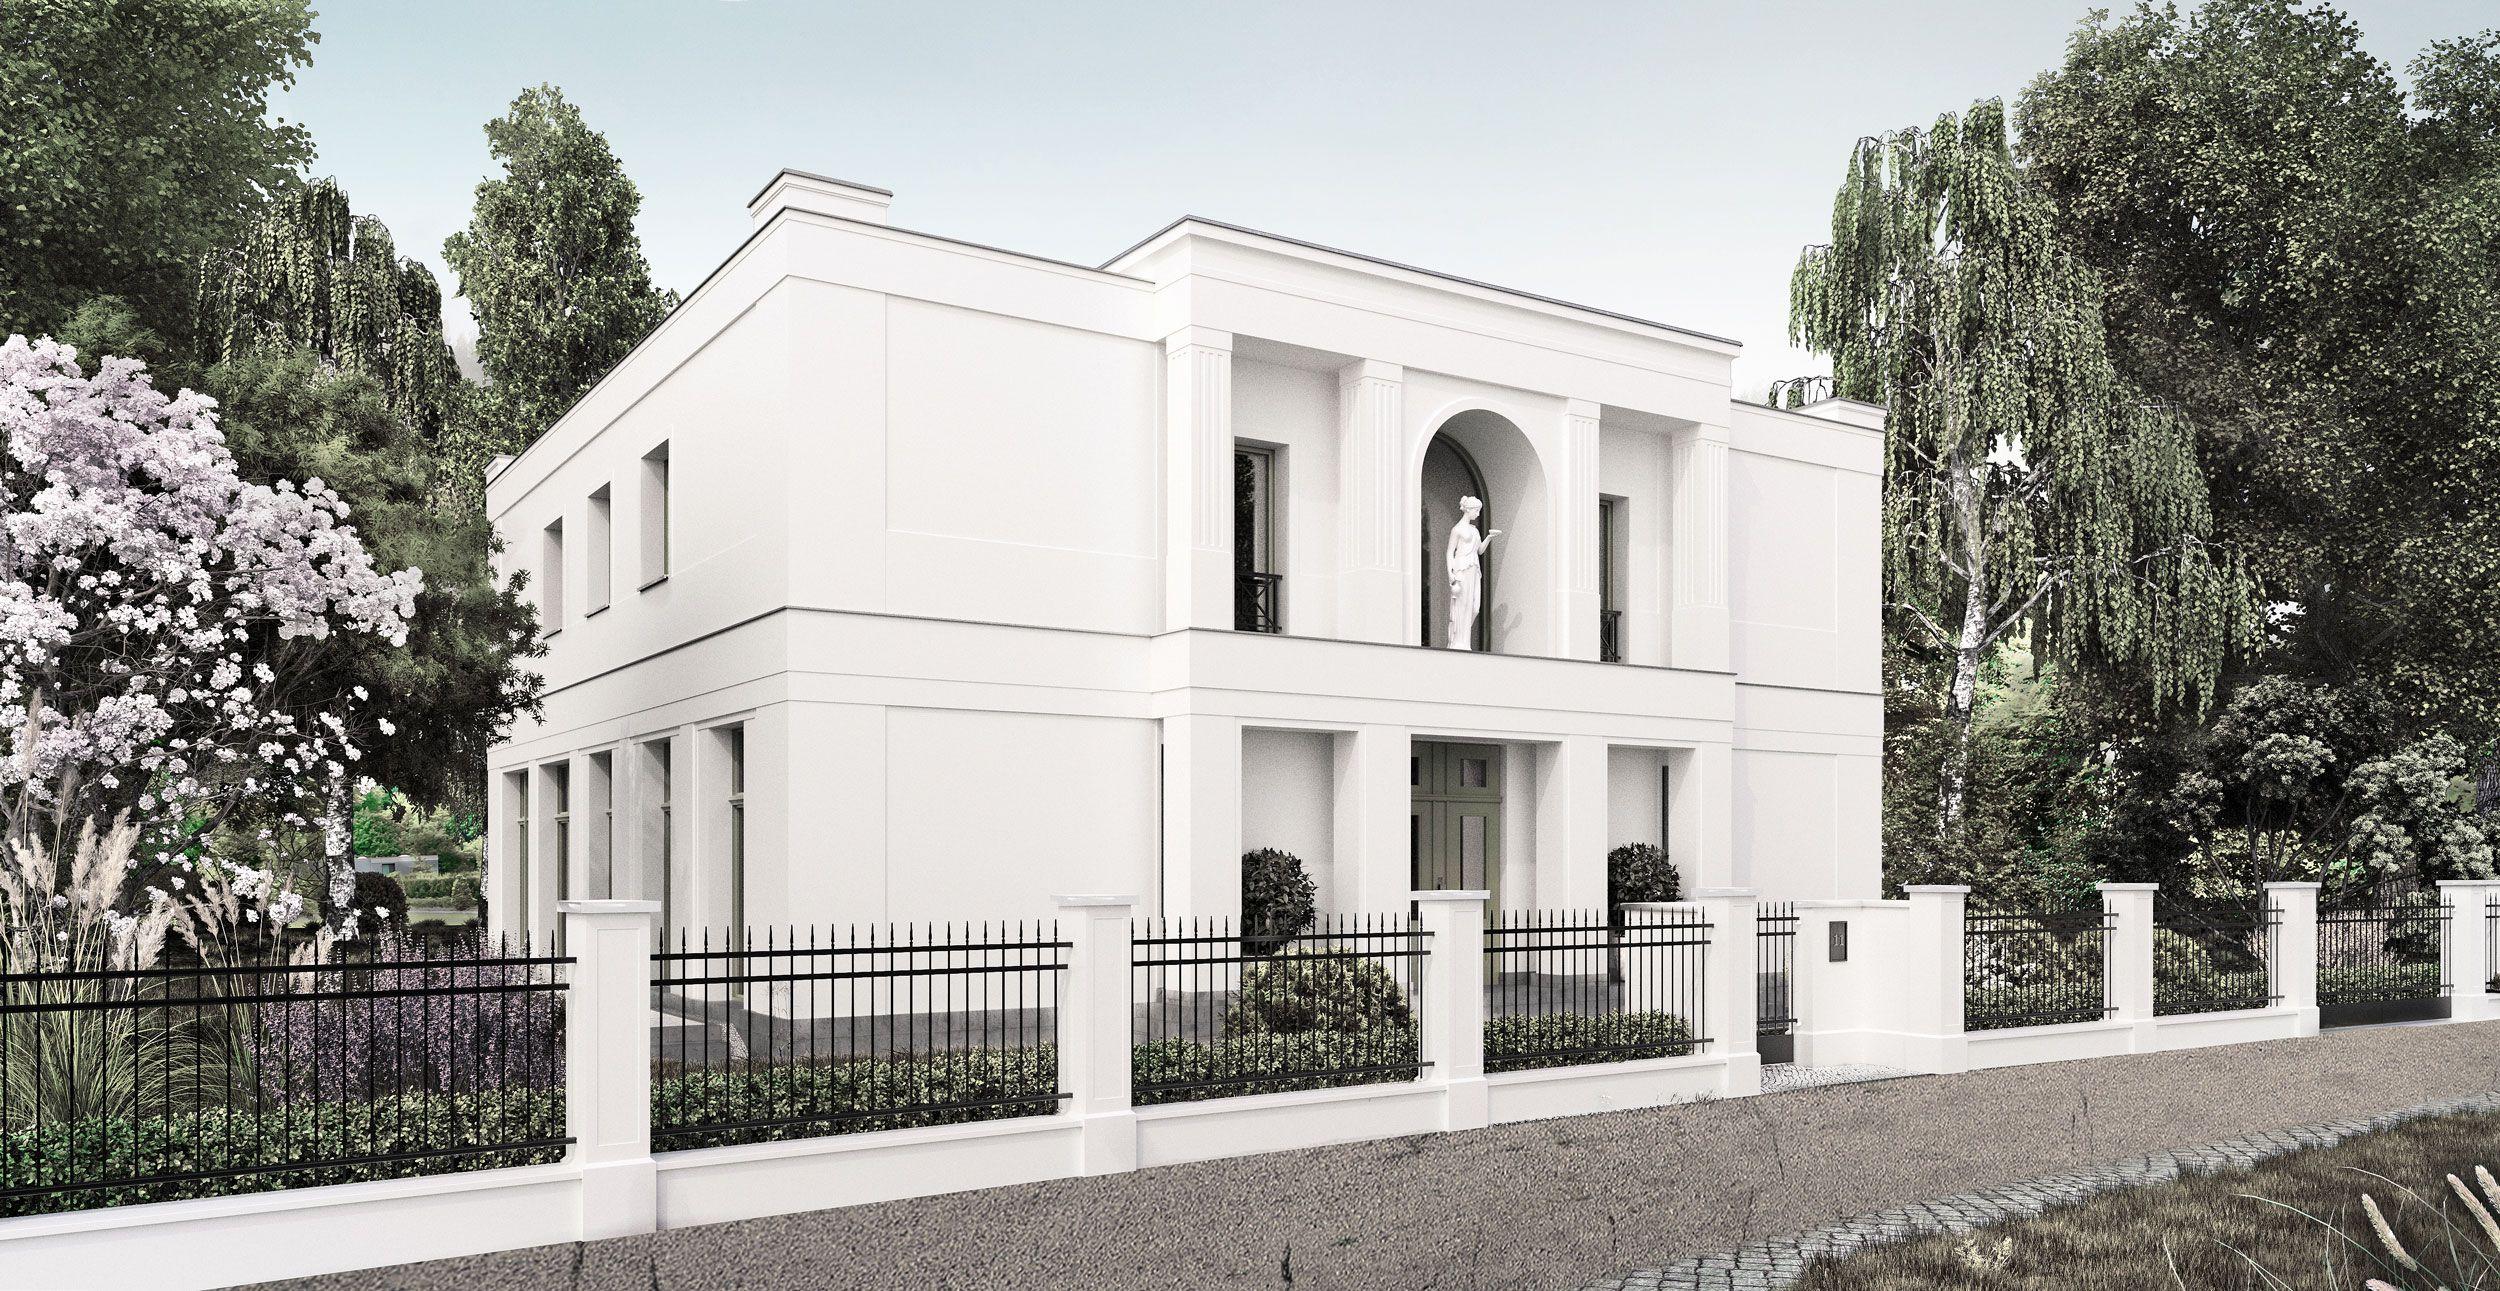 Neubau einer Villa im Klassik-Stil mit Mittelrisalit in Potsdam ...